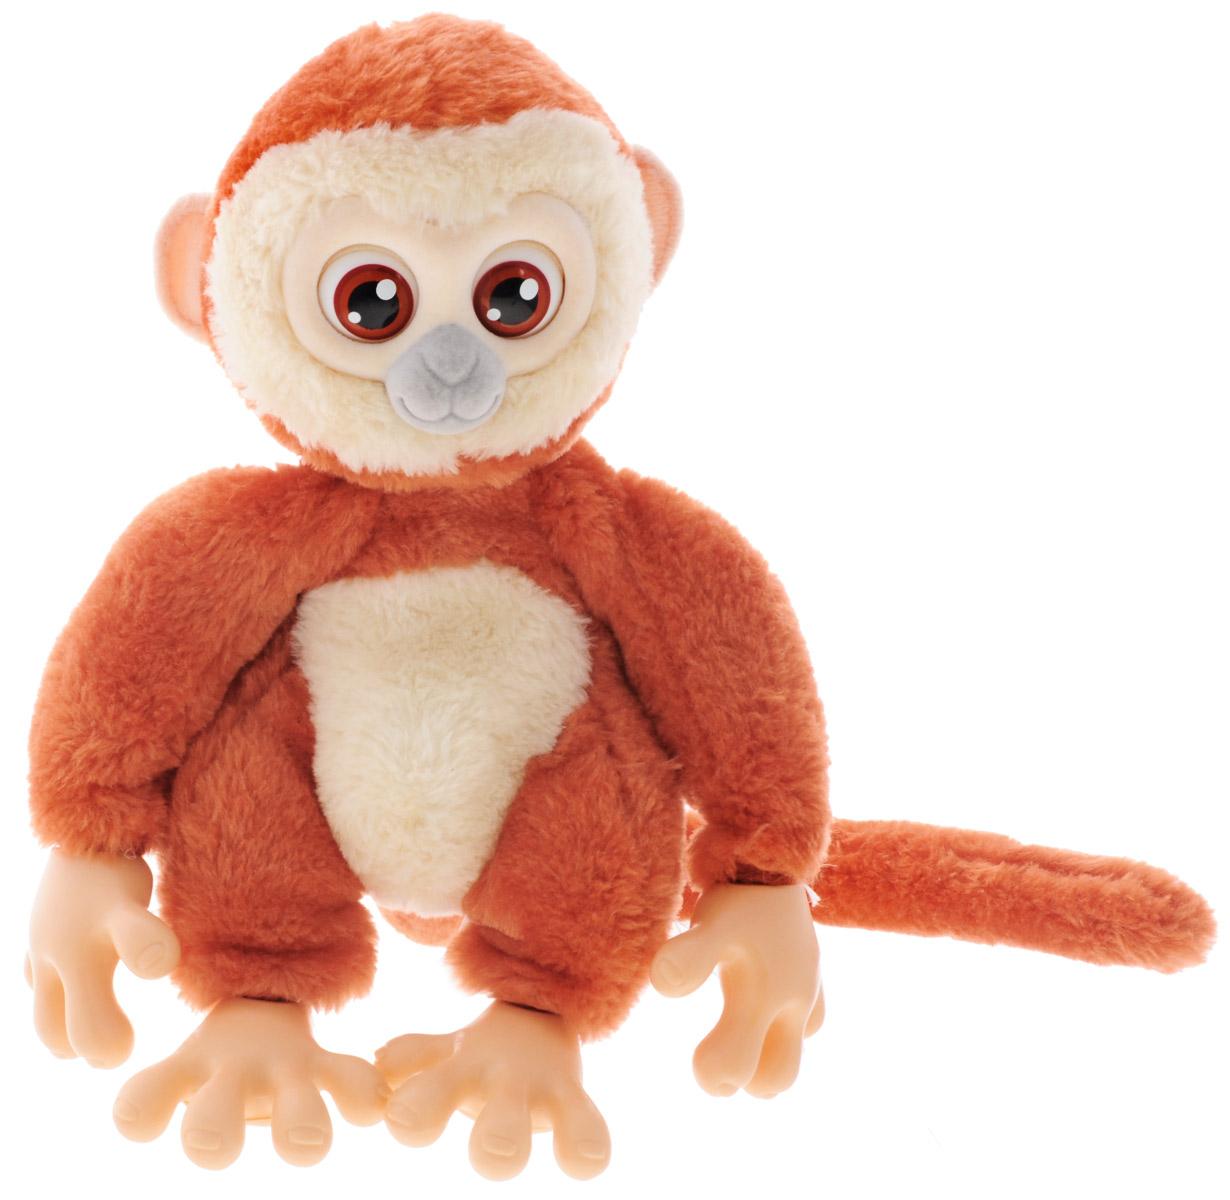 Emotion Pets Интерактивная игрушка Обезьяна цвет коричневый кремовый2063776_коричневый, кремовыйИнтерактивная игрушка Emotion Pets Обезьяна непременно понравится вашему малышу и станет его лучшим другом! Трогательная обезьянка покрыта искусственных мехом, она невероятно мягкая и приятная на ощупь. Чтобы поиграть с веселой обезьянкой, переведите выключатель в спинке игрушки в режим ON - обезьянка проснется, подвигает хвостом и издаст милые звуки! Чтобы покормить обезьянку, поднесите пищу ко рту игрушки, и вы услышите, как она жует. После еды она поблагодарит вас, двигая хвостом и издавая счастливые звуки. Если она не хочет есть, она издаст разочарованный звук. Обезьянка очень любит обниматься. Благодаря своим специальным хватательным ручкам, она может держаться на чем угодно. Если вы погладите обезьянку по голове или по животику, она издаст счастливые звуки и будет двигать хвостом. Игрушка переходит в спящий режим, если вы не будете играть с ней в течение 60 секунд. Чтобы уложить питомца спать, необходимо подвесить его за хвост вниз ...